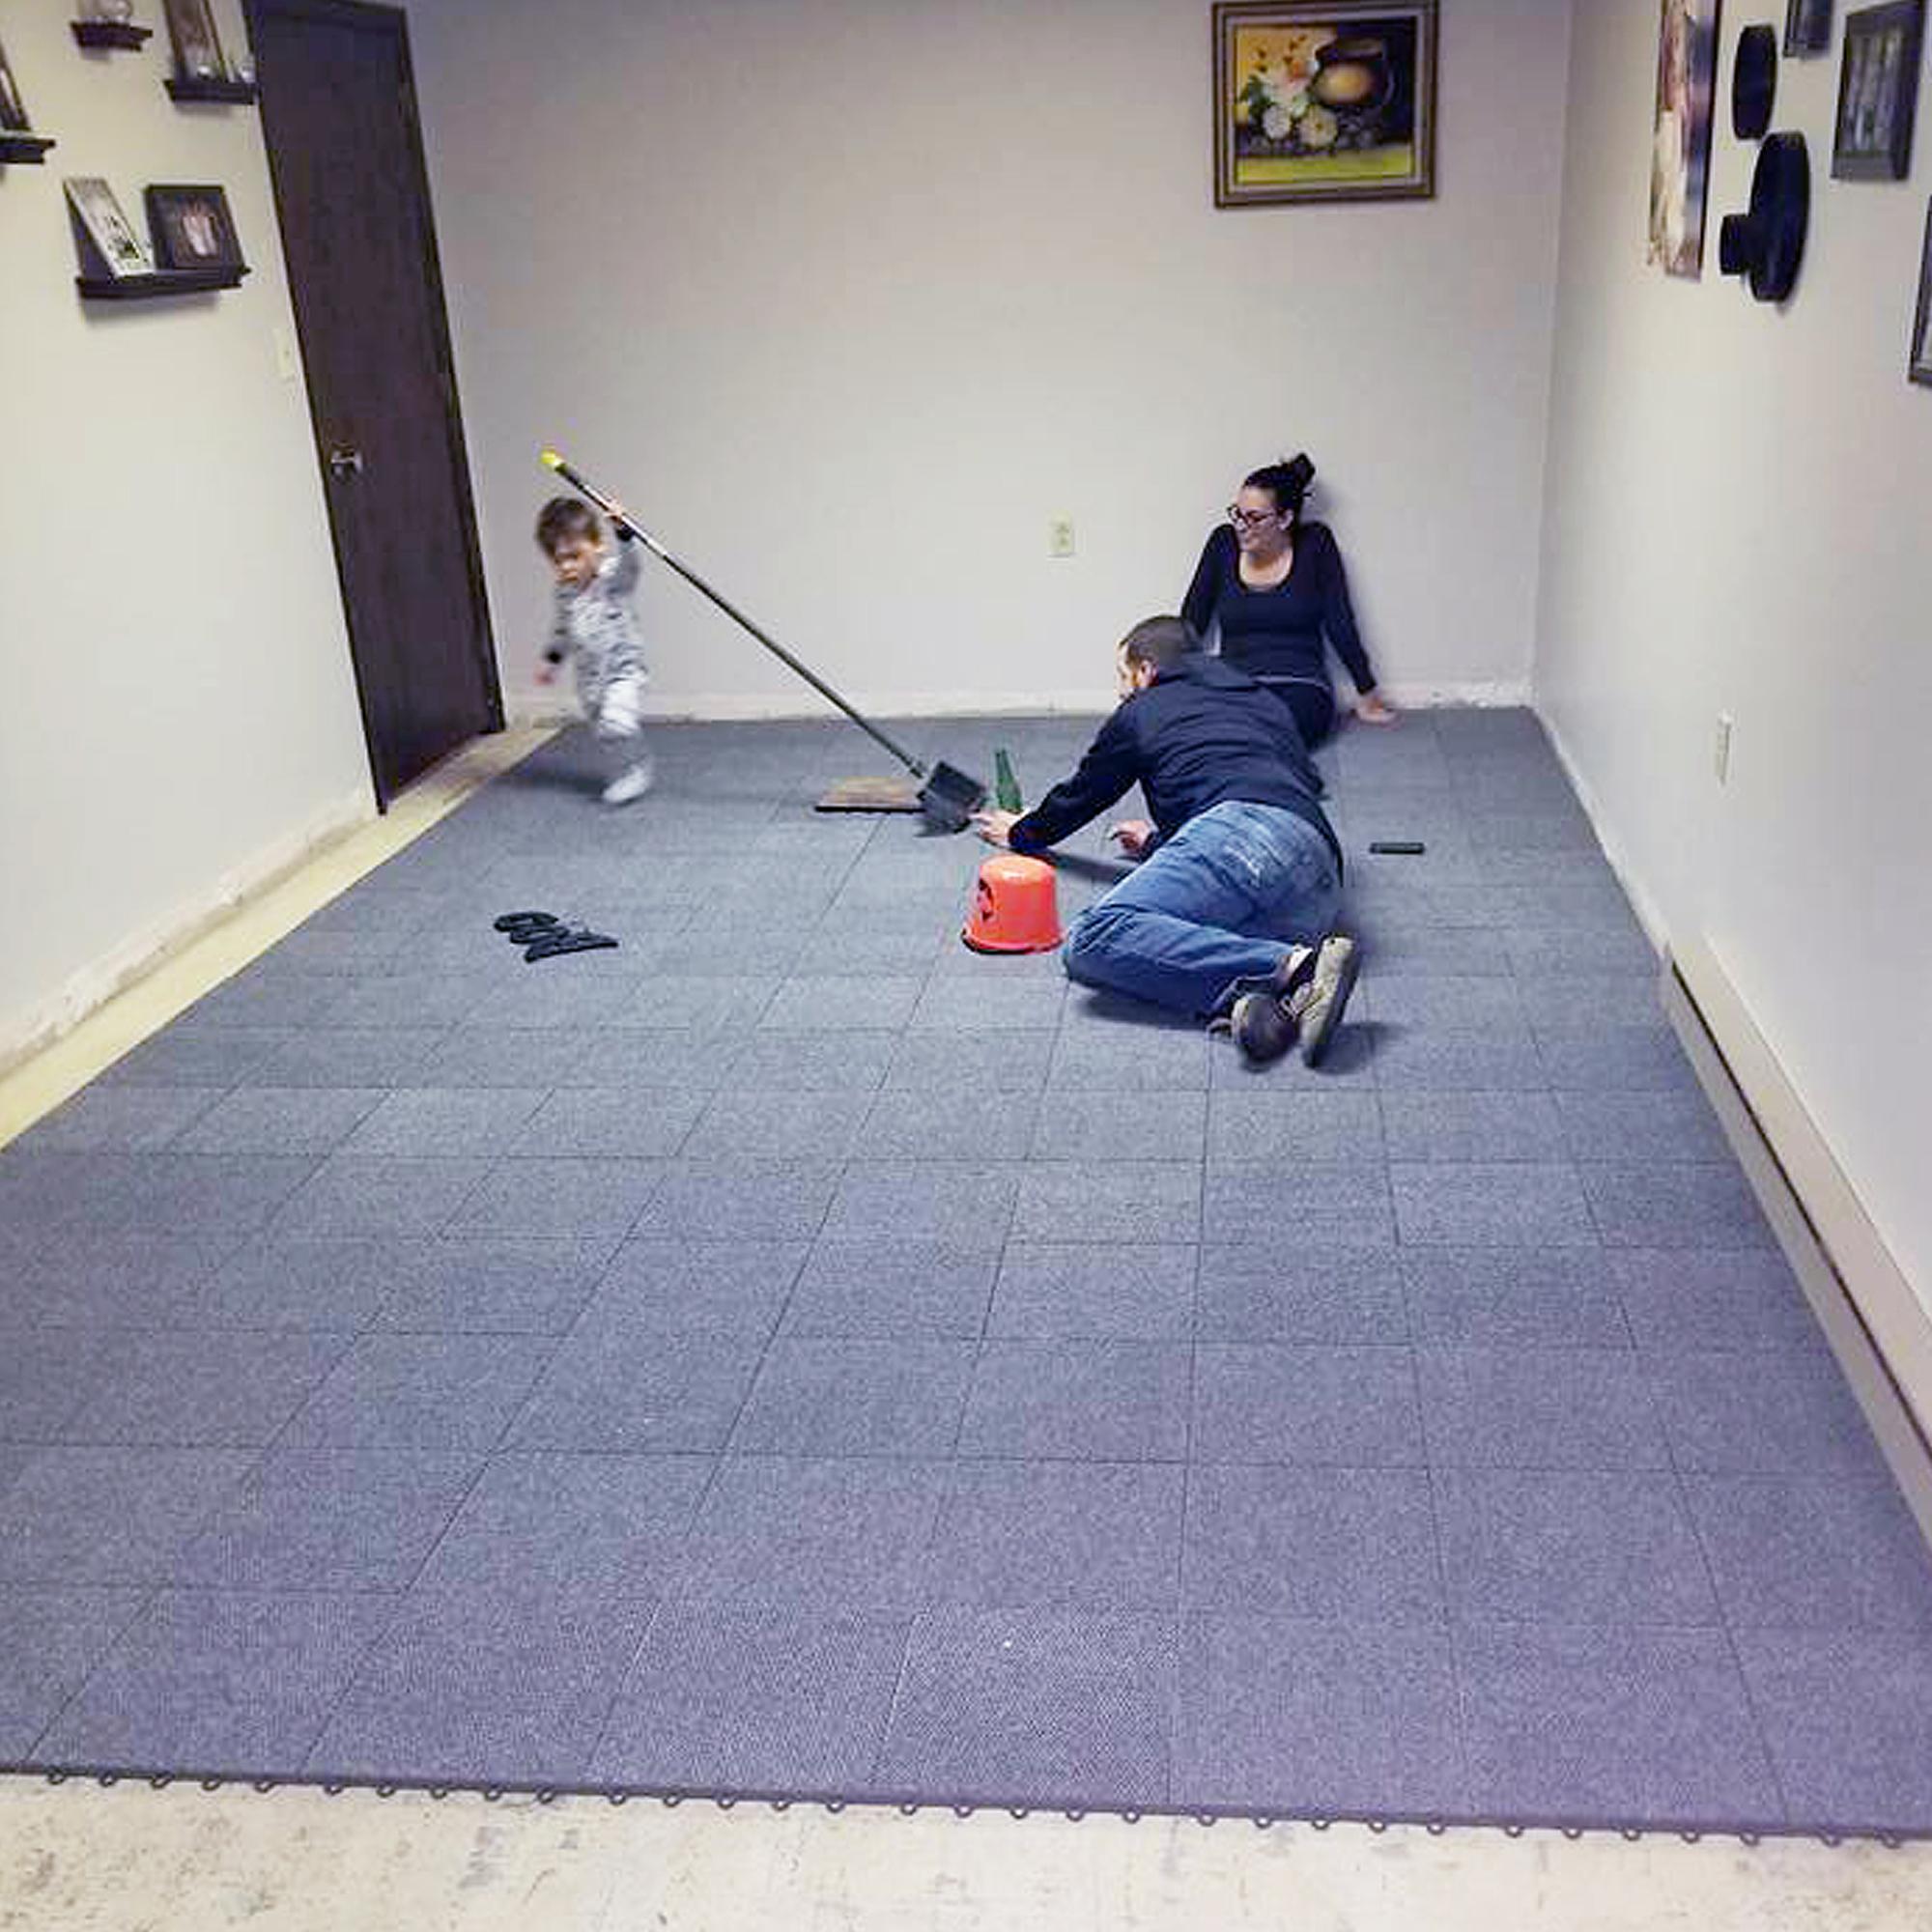 Greatmats Raised Carpet Tile Snap